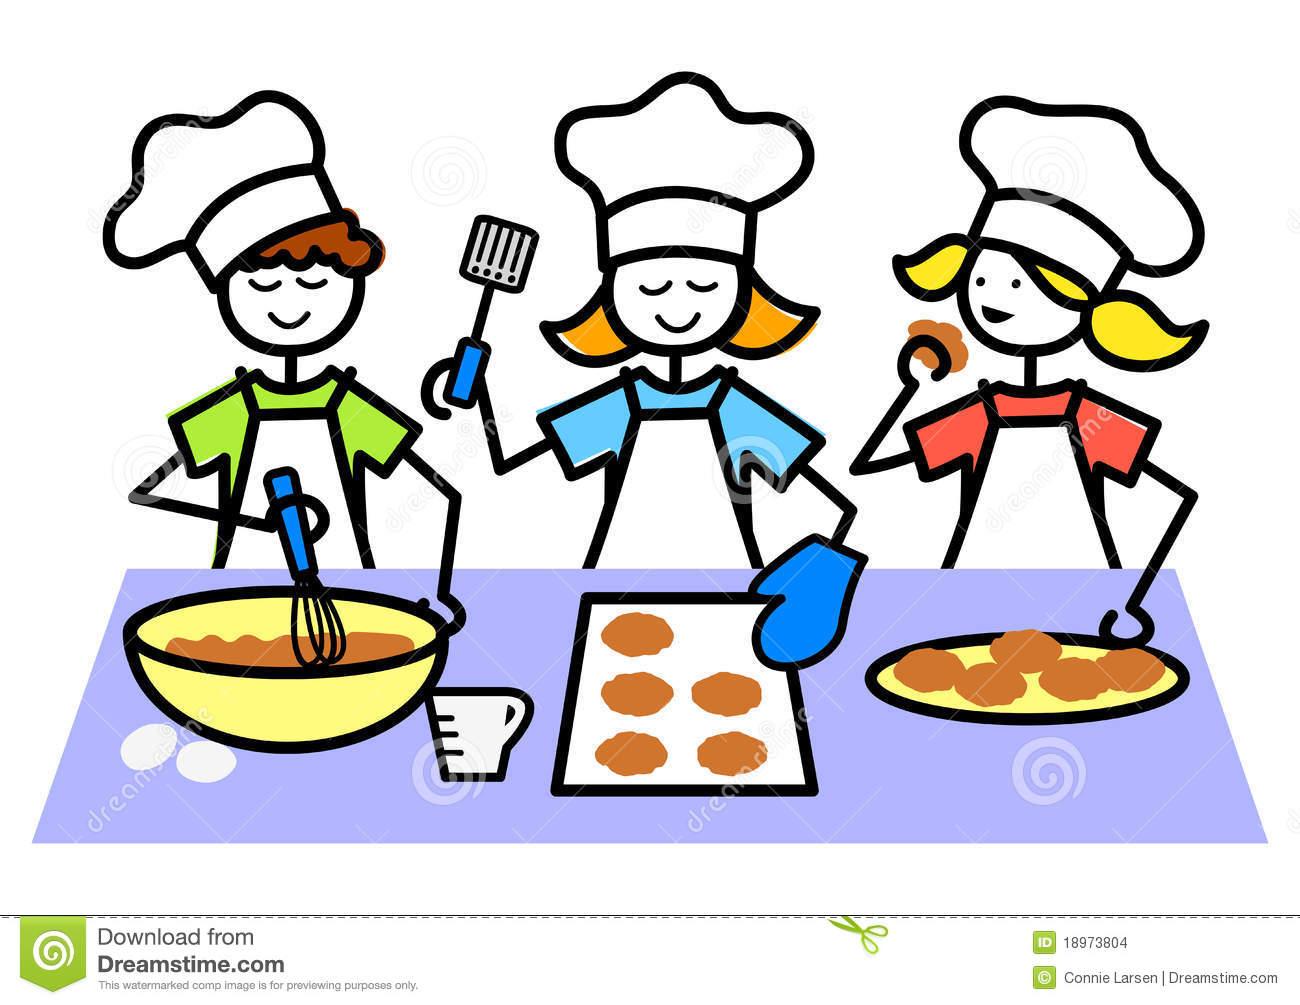 Thema 39 bakken en koken 39 op de bso de kleine zeester - Koken afbeelding ...